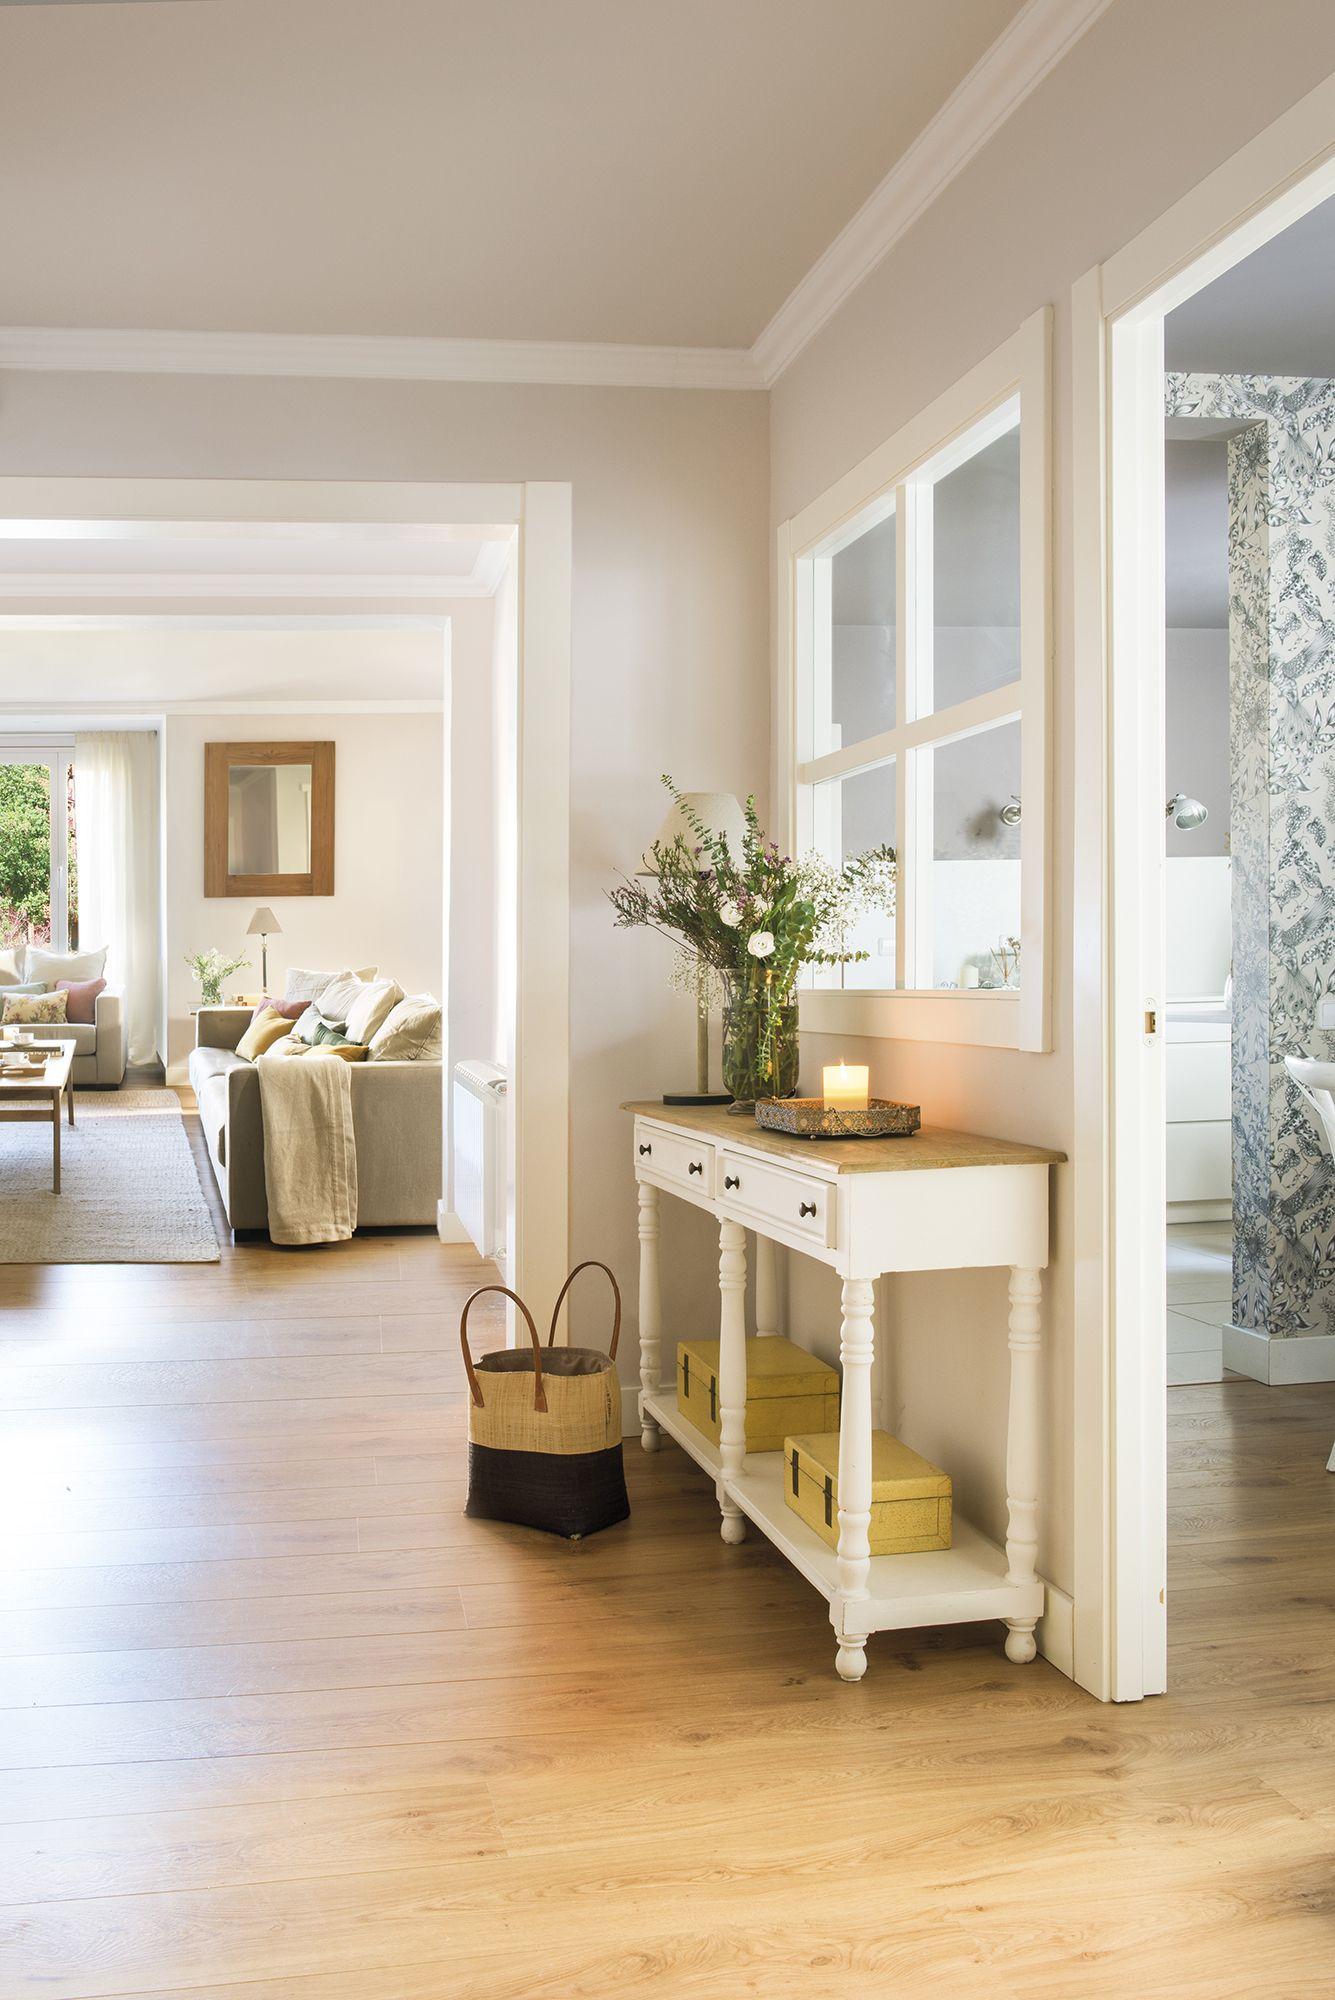 Repartiendo juego mirador del sur decoraci n de unas for Comedor de muebles de madera blanca